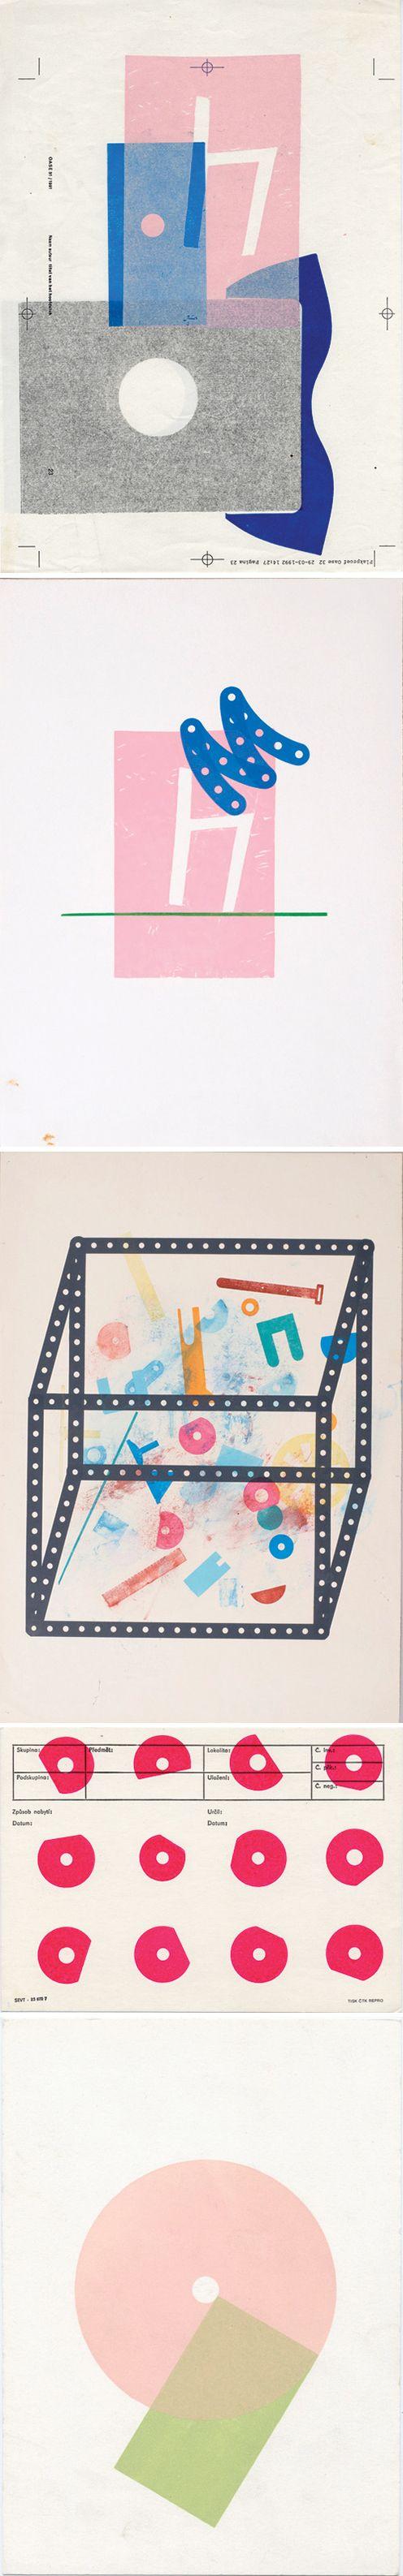 Karel Martens    via http://p-exclamation.org/post/34237318570/karel-martens-selected-letterpress-works